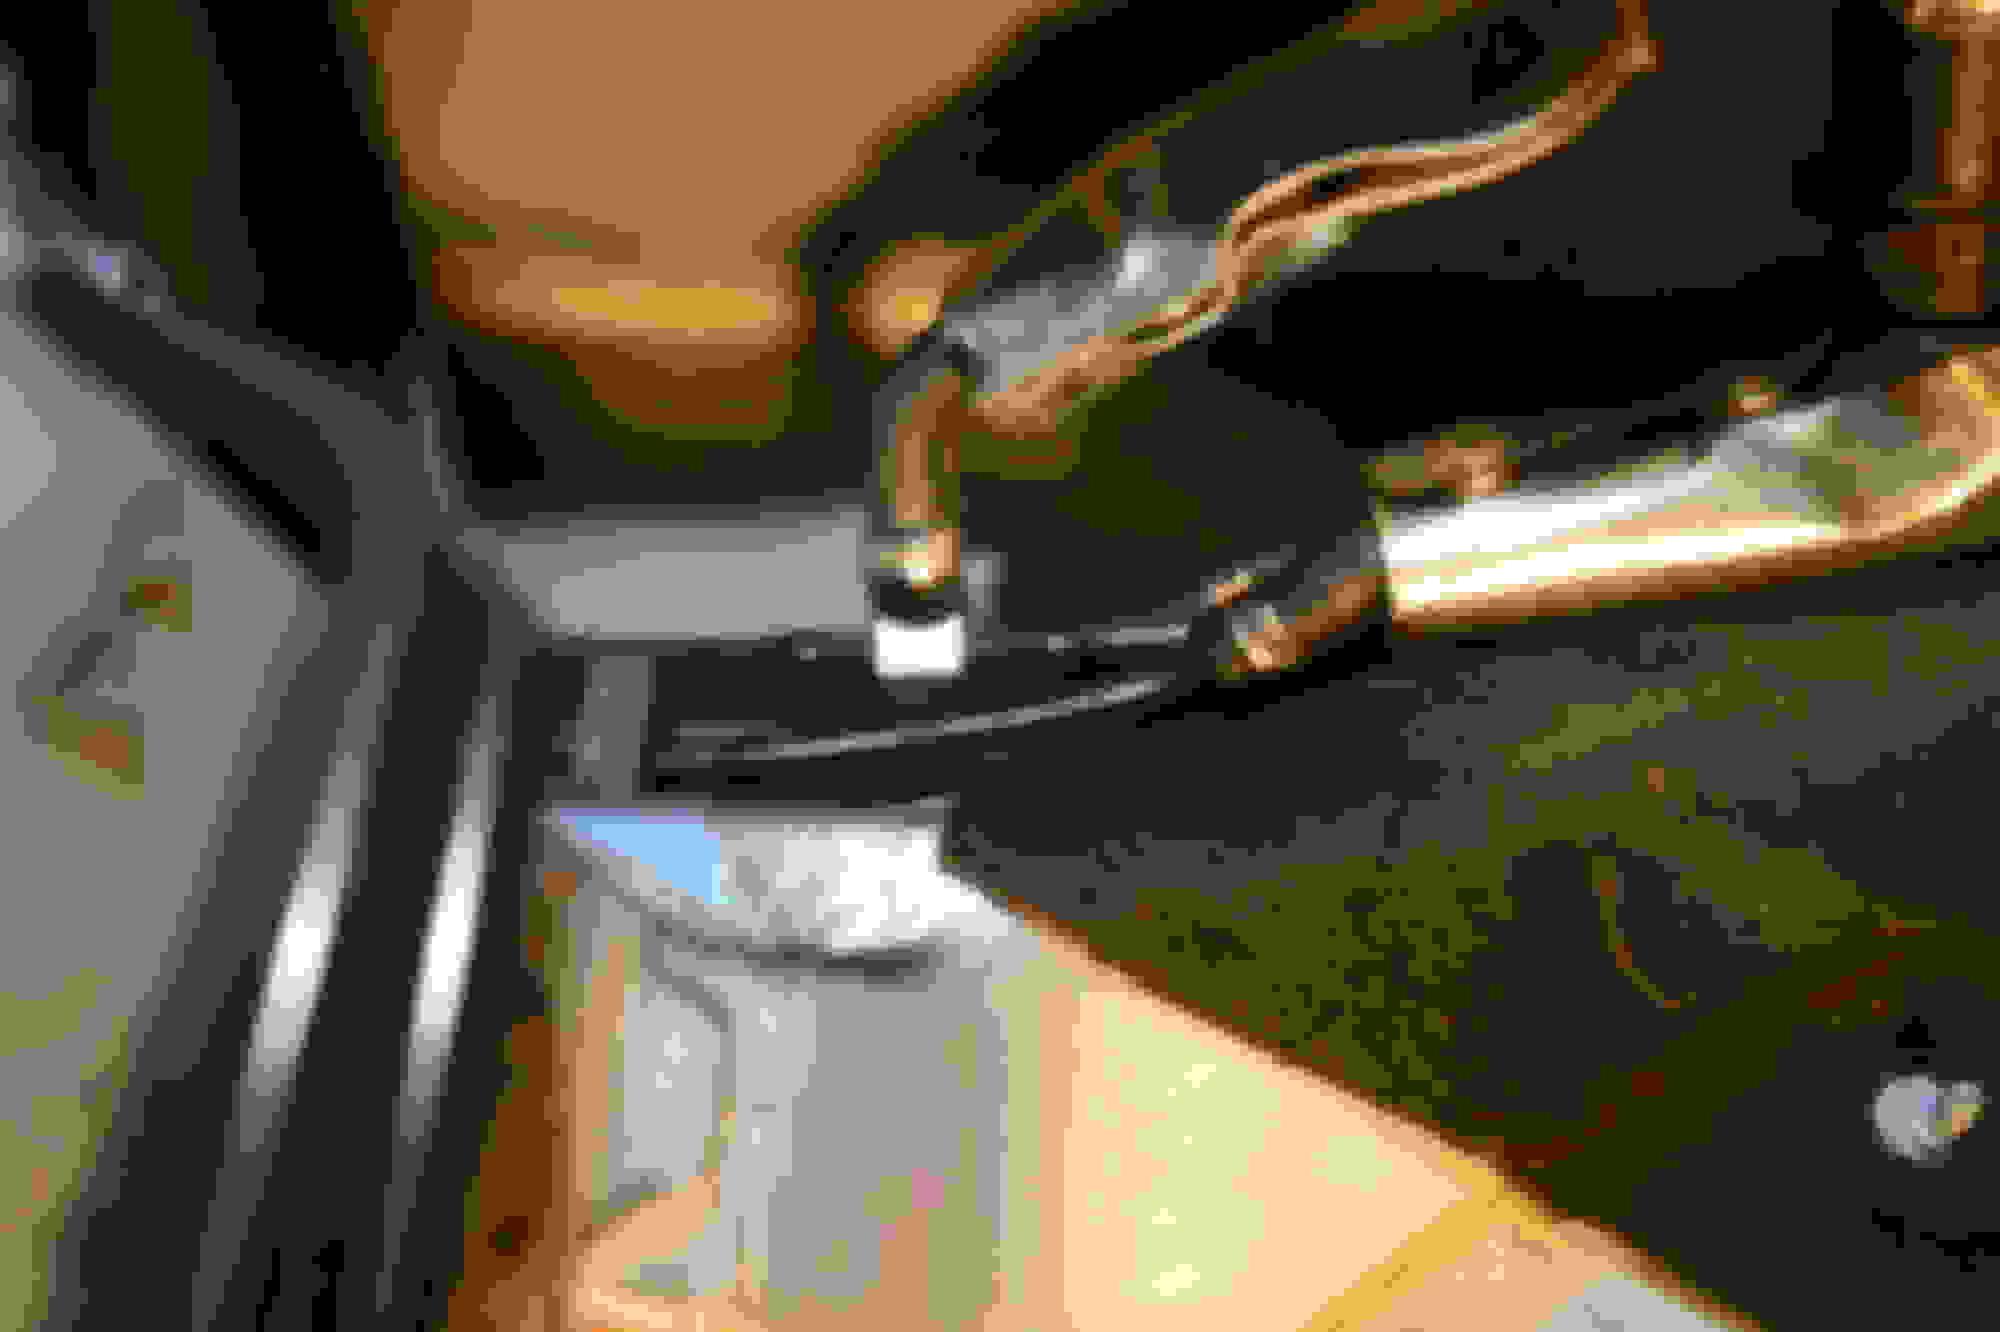 Pulleed my Engine - Page 2 - 6SpeedOnline - Porsche Forum